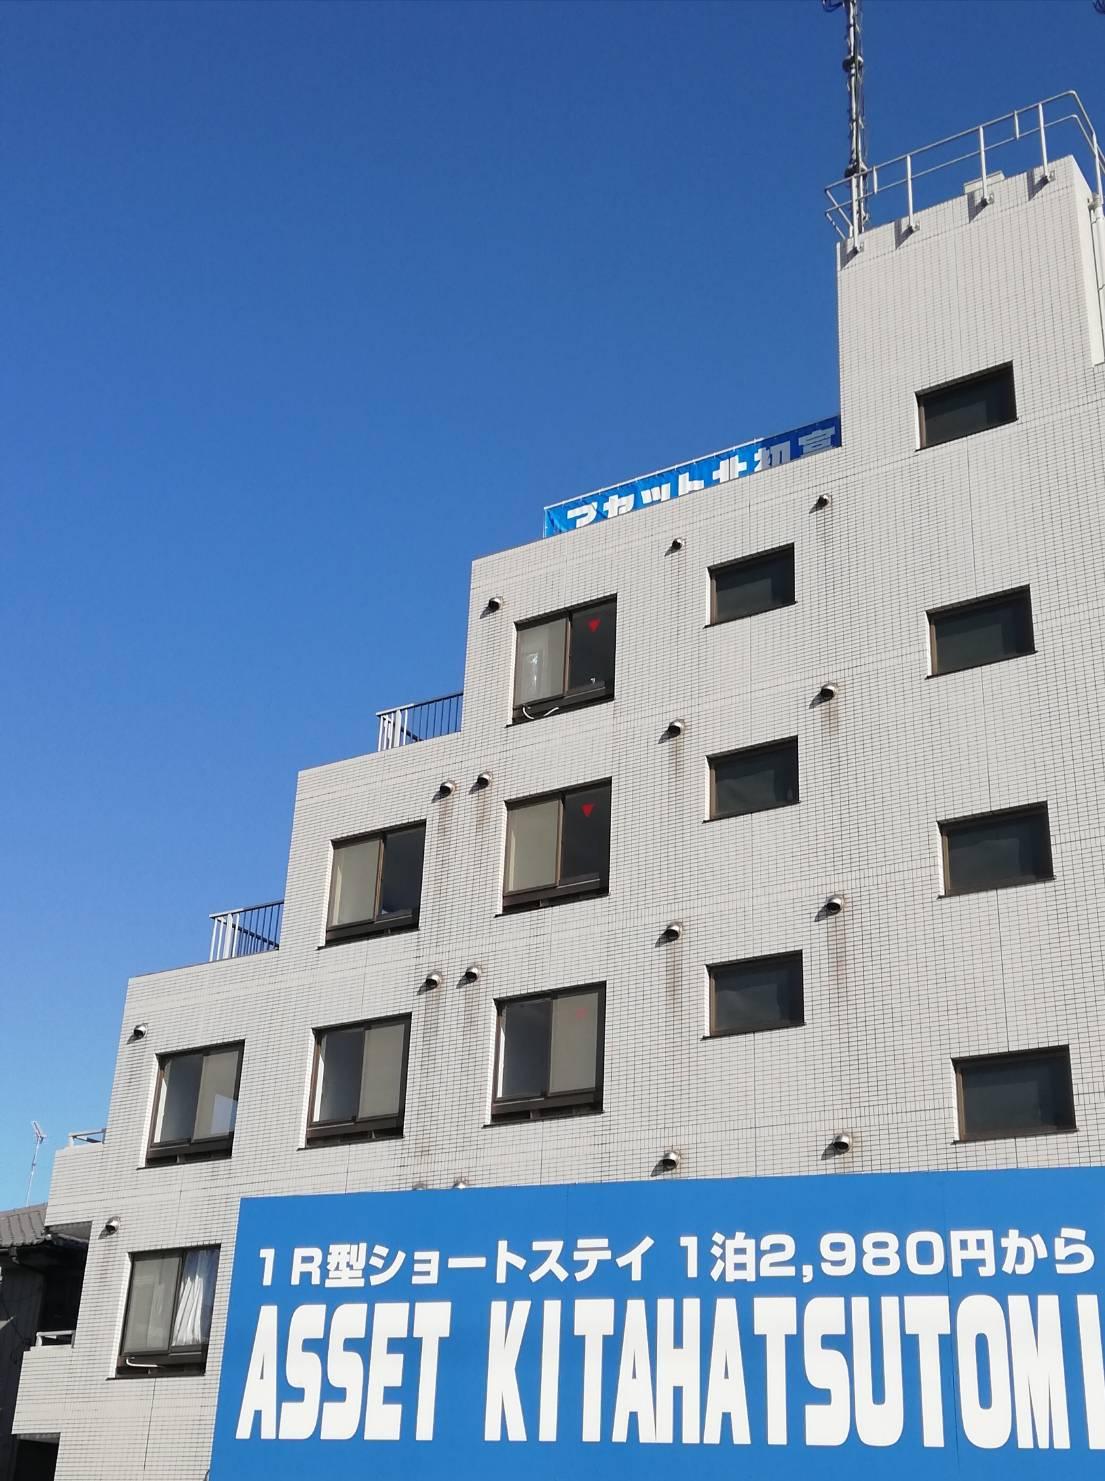 アセット北初富再開発新京成